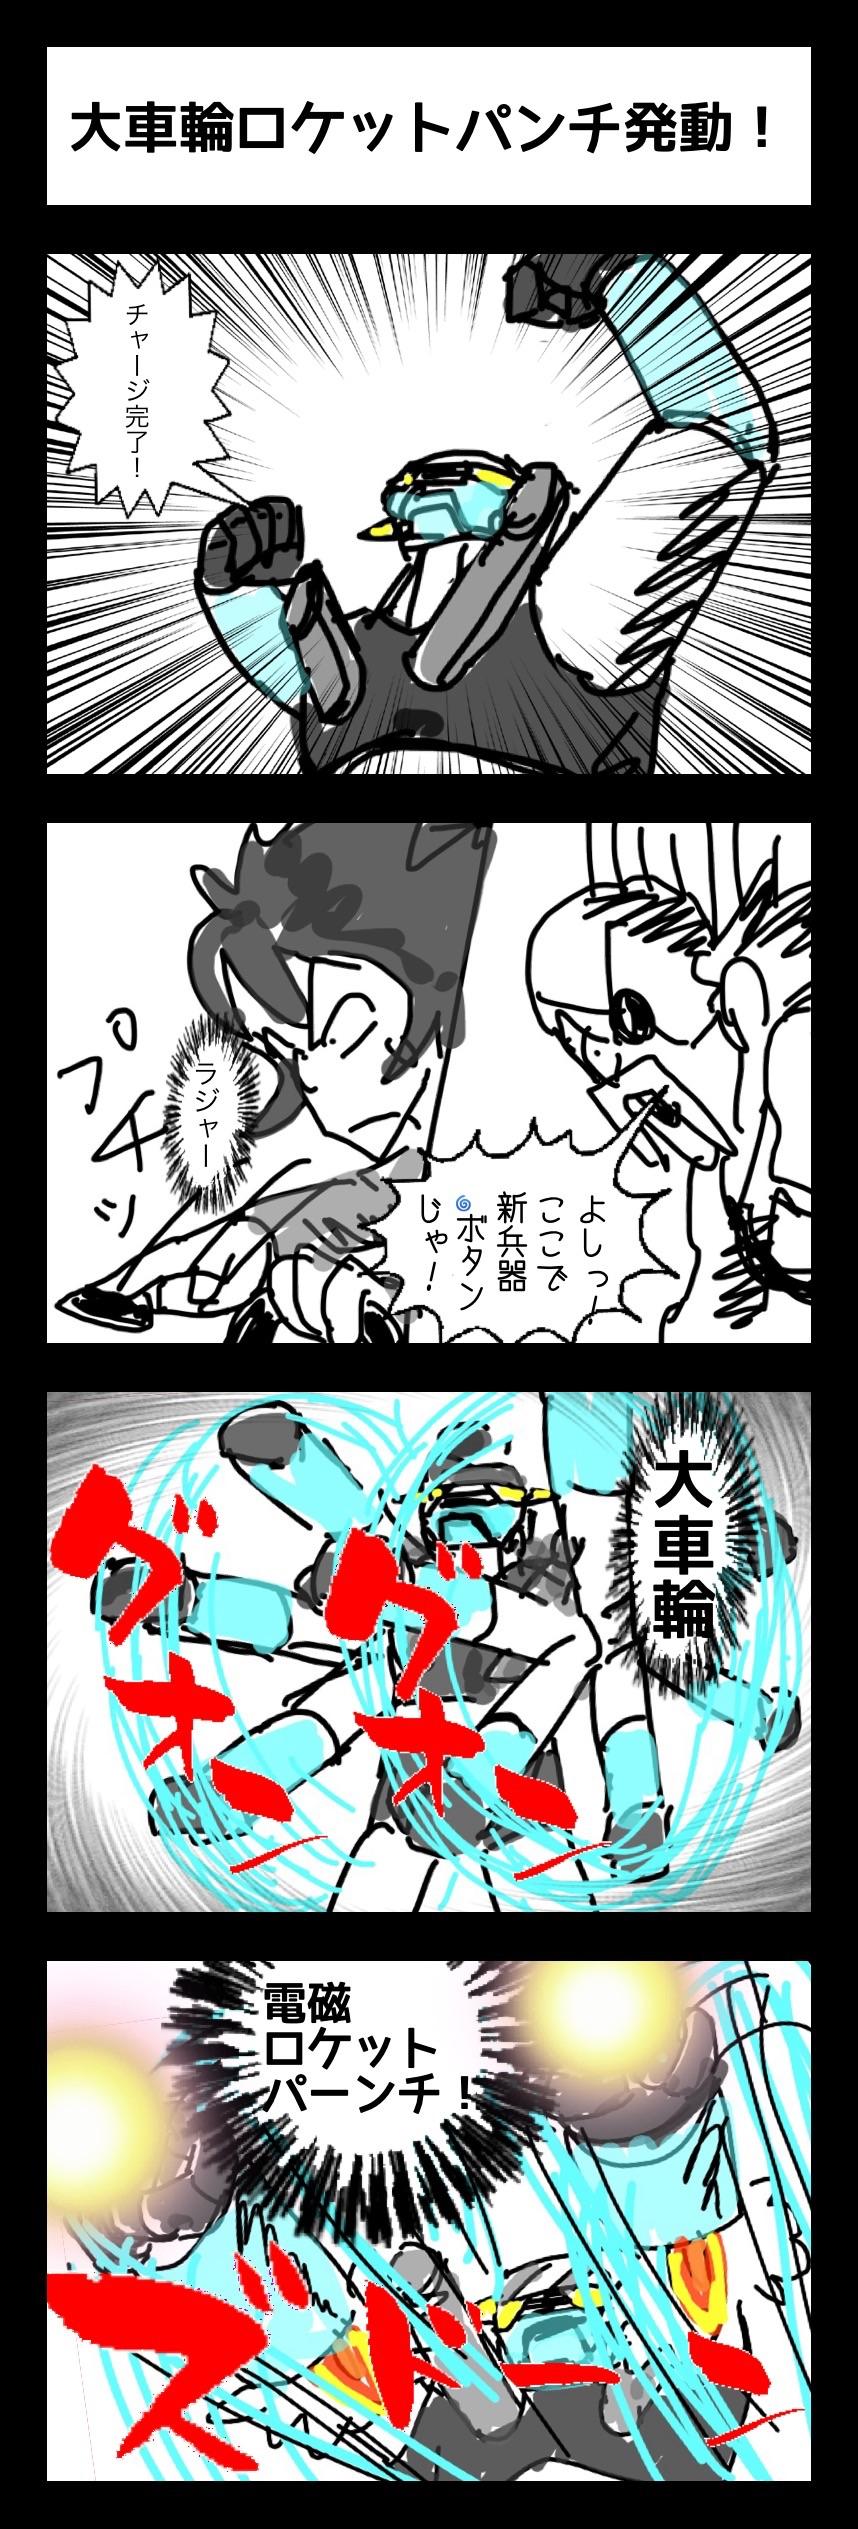 連載4コマ漫画 アトランダーV 27